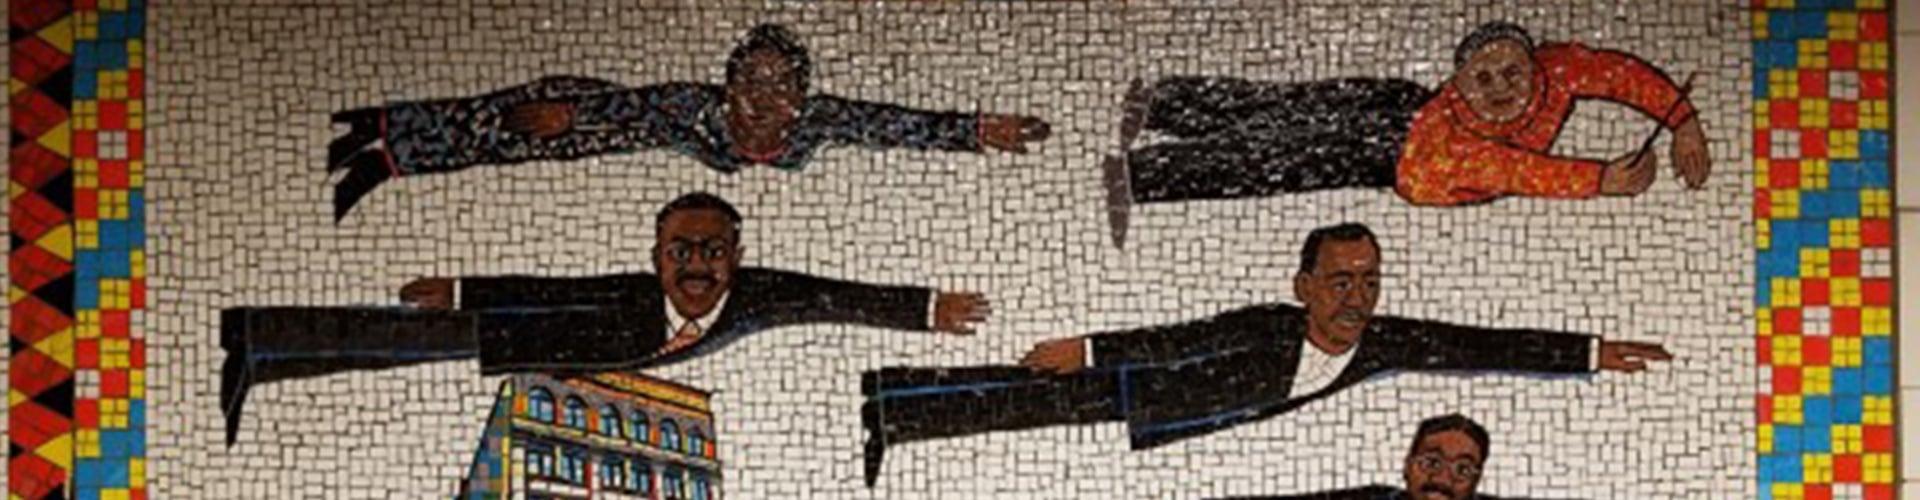 Harlem's Heroes and Heroines